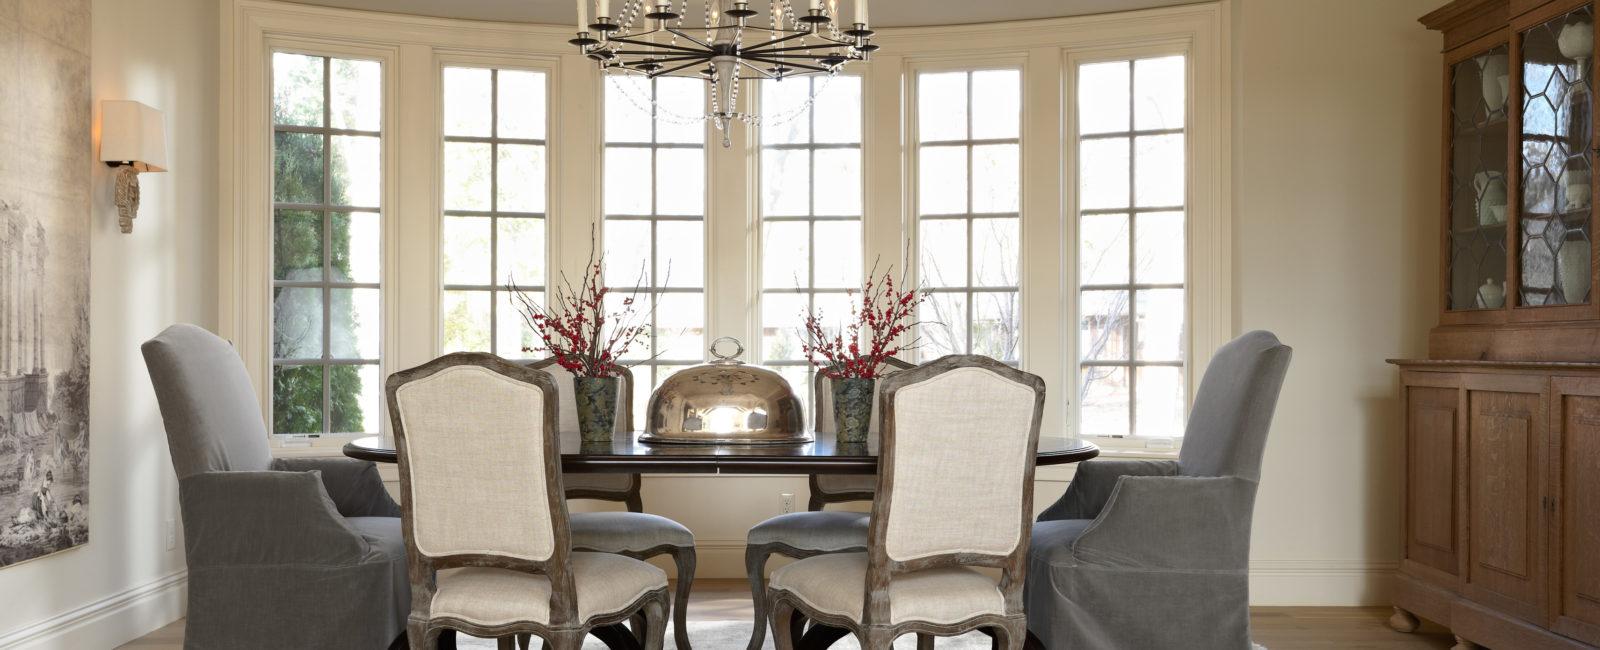 Holdridge Dining Room